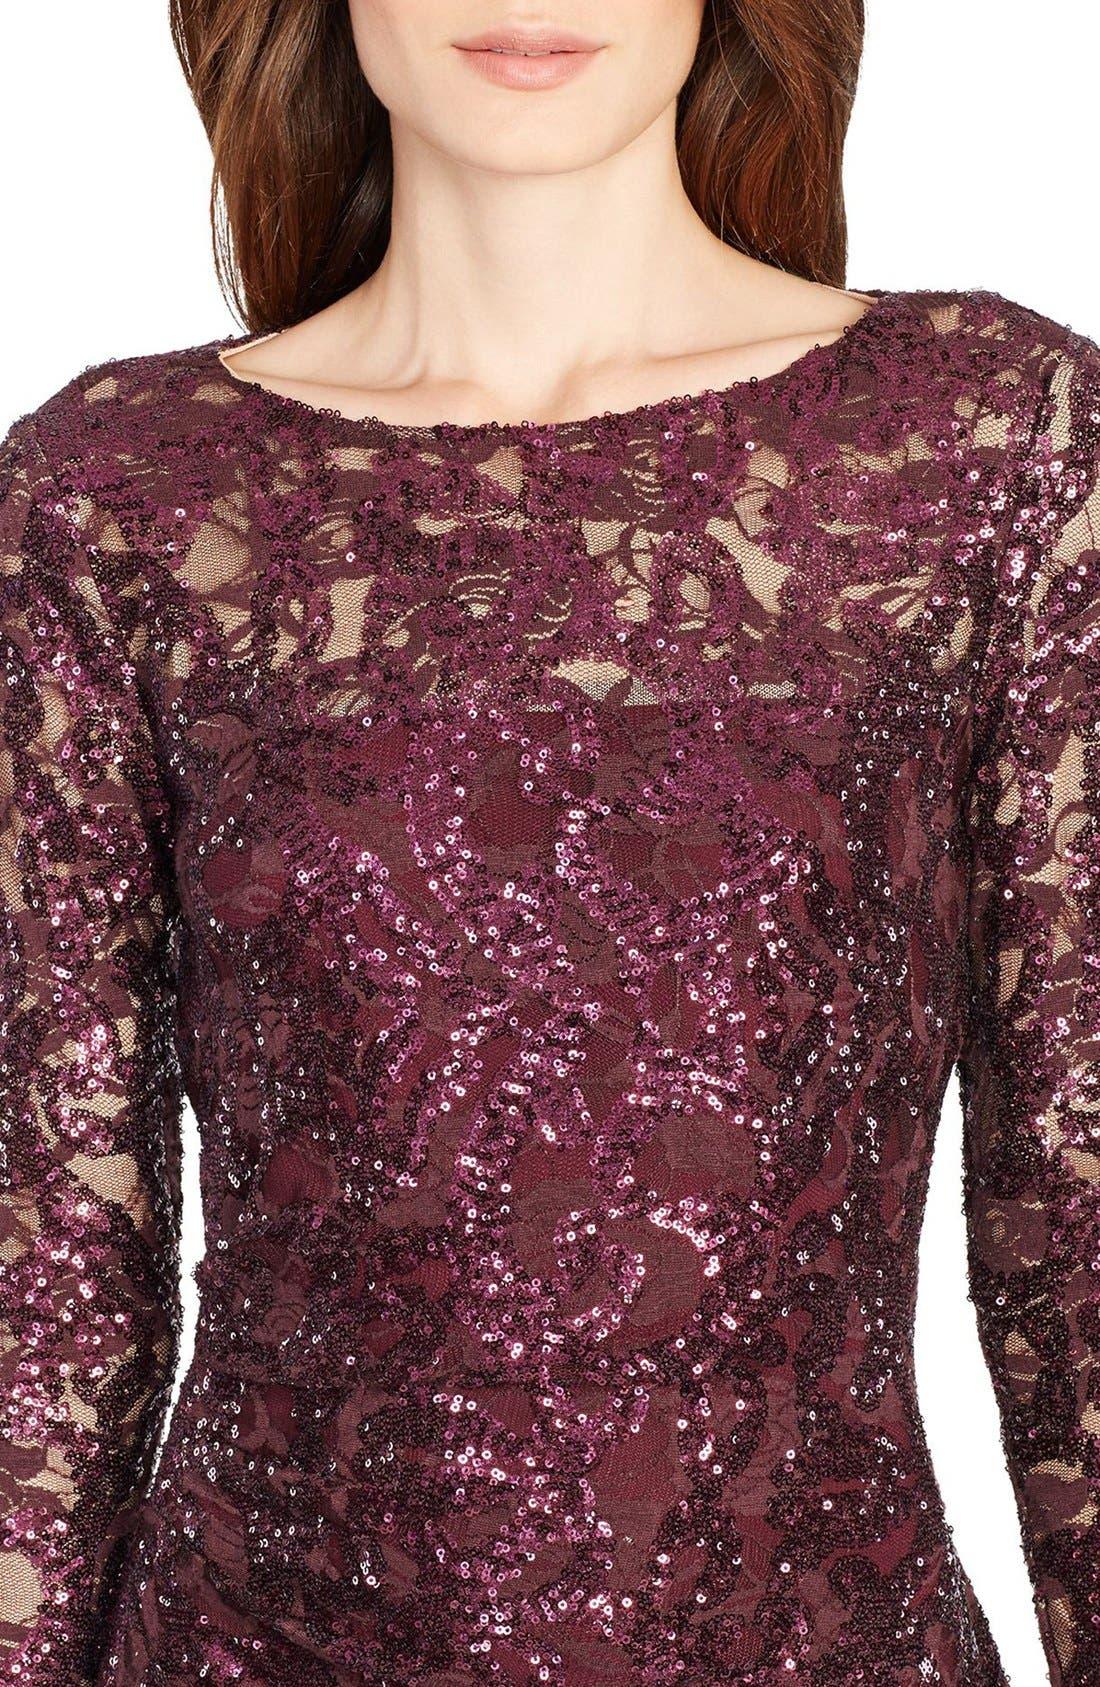 Sequin Lace Sheath Dress,                             Alternate thumbnail 3, color,                             600